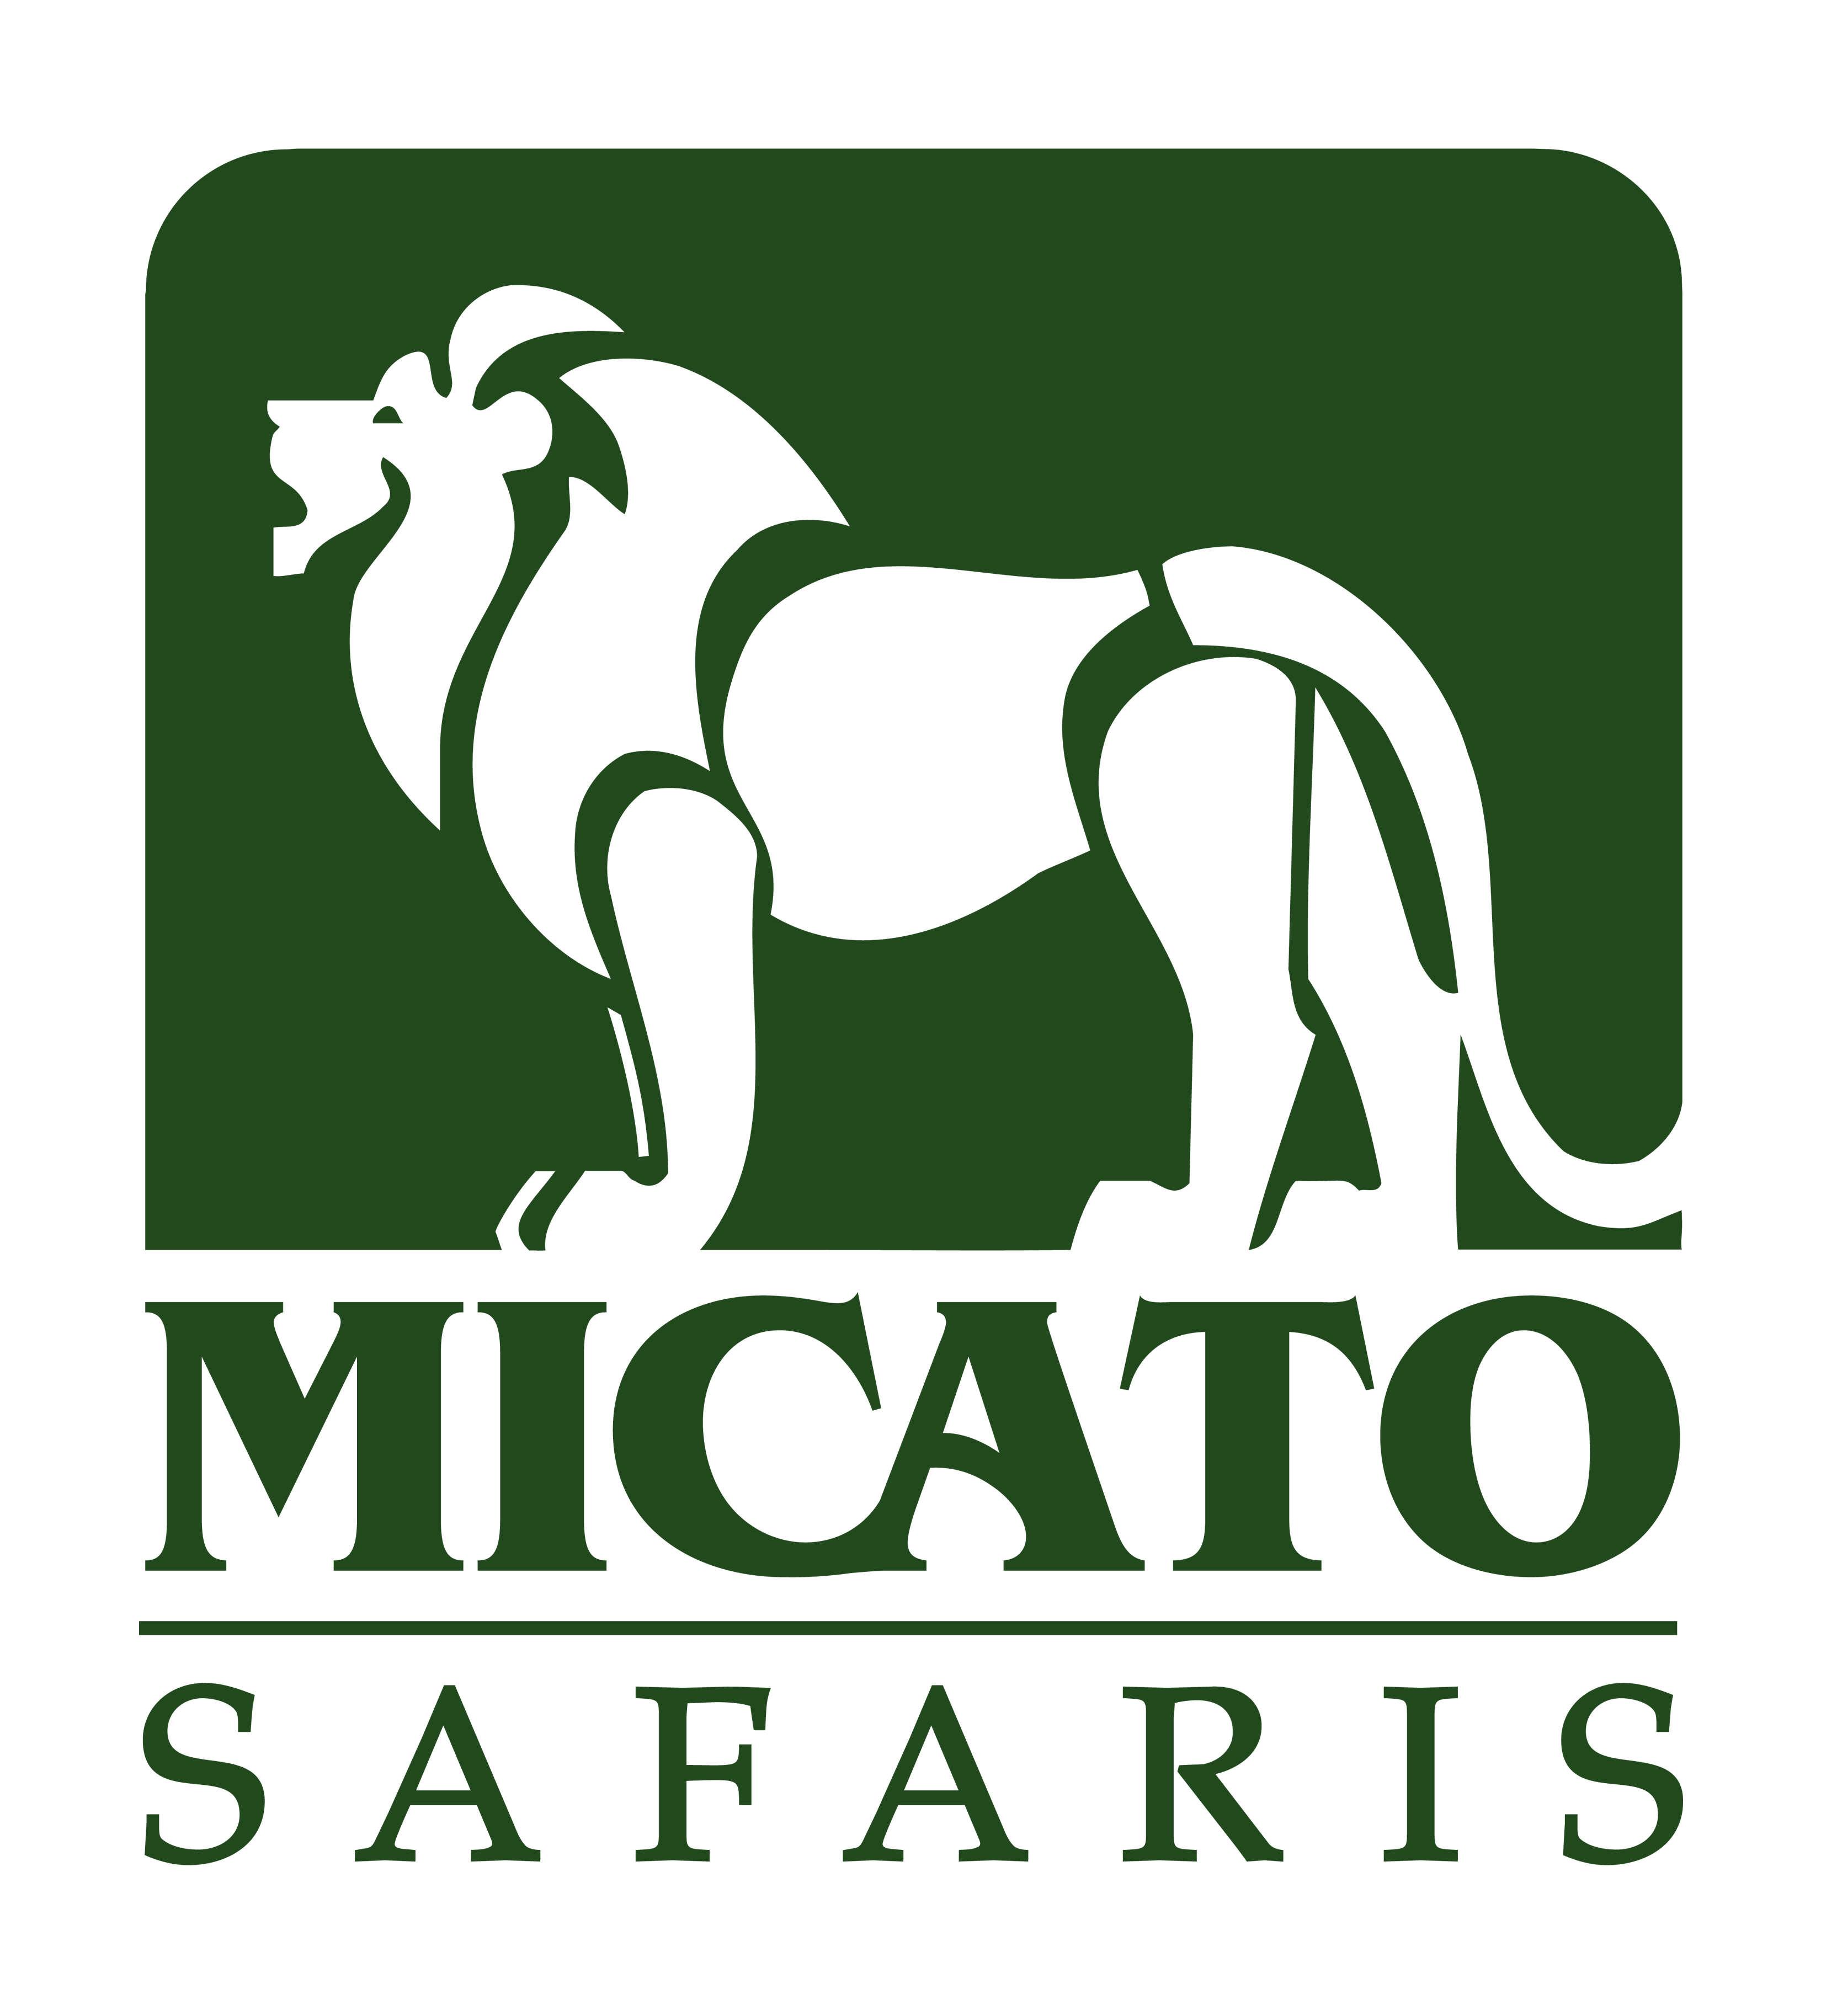 Micato Safari